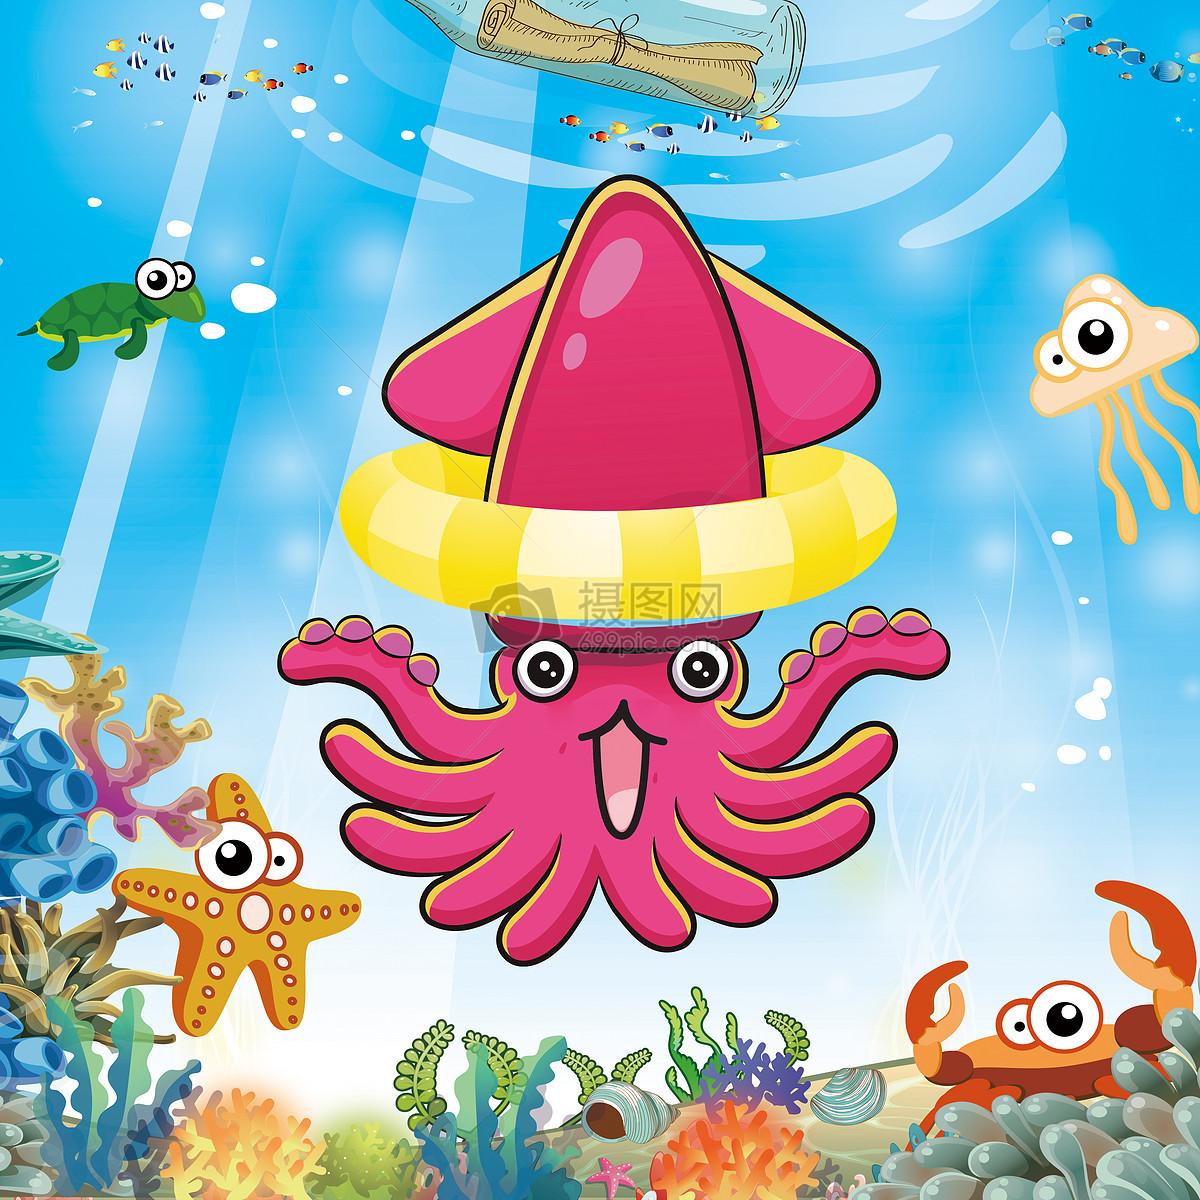 卡通海洋图片素材_免费下载_jpg图片格式_vrf高清图片